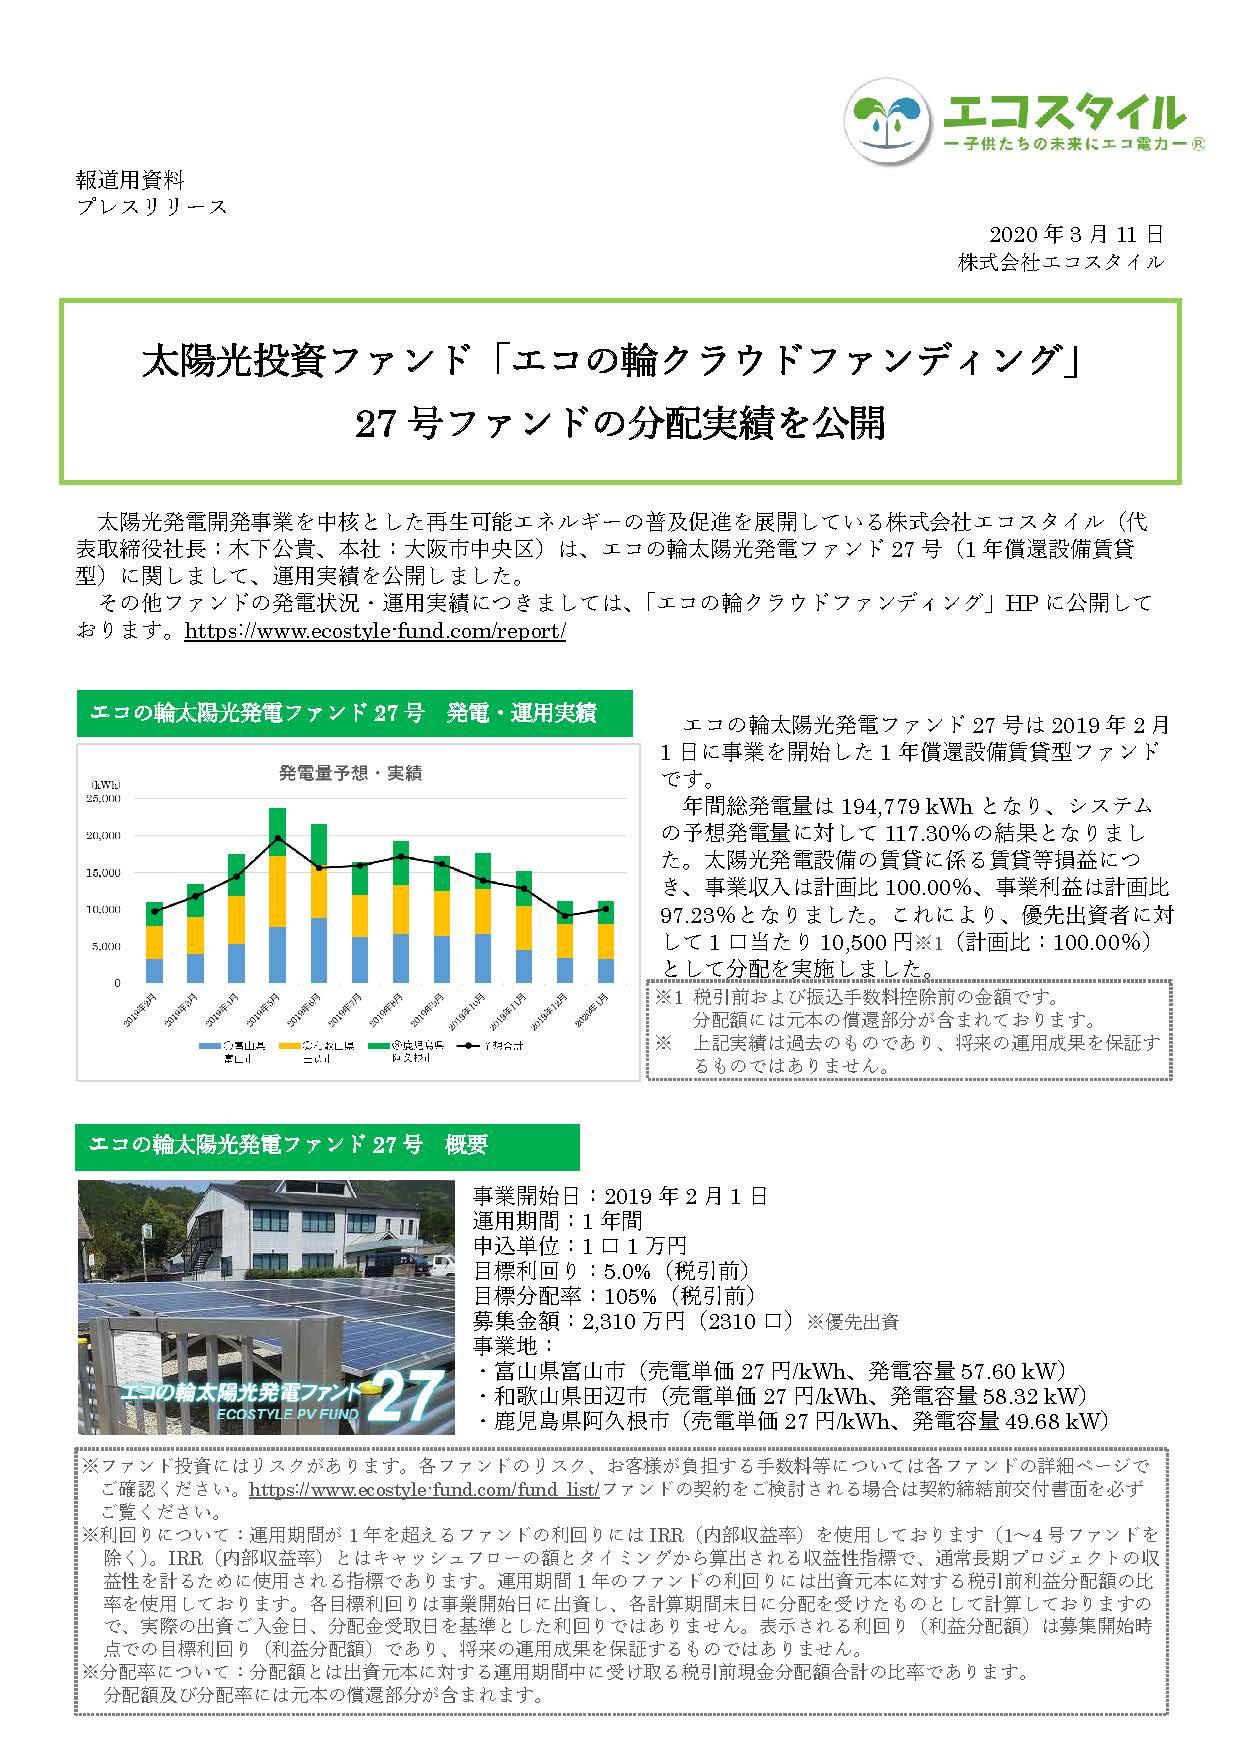 太陽光投資ファンド「エコの輪クラウドファンディング」27号ファンドの分配実績を公開